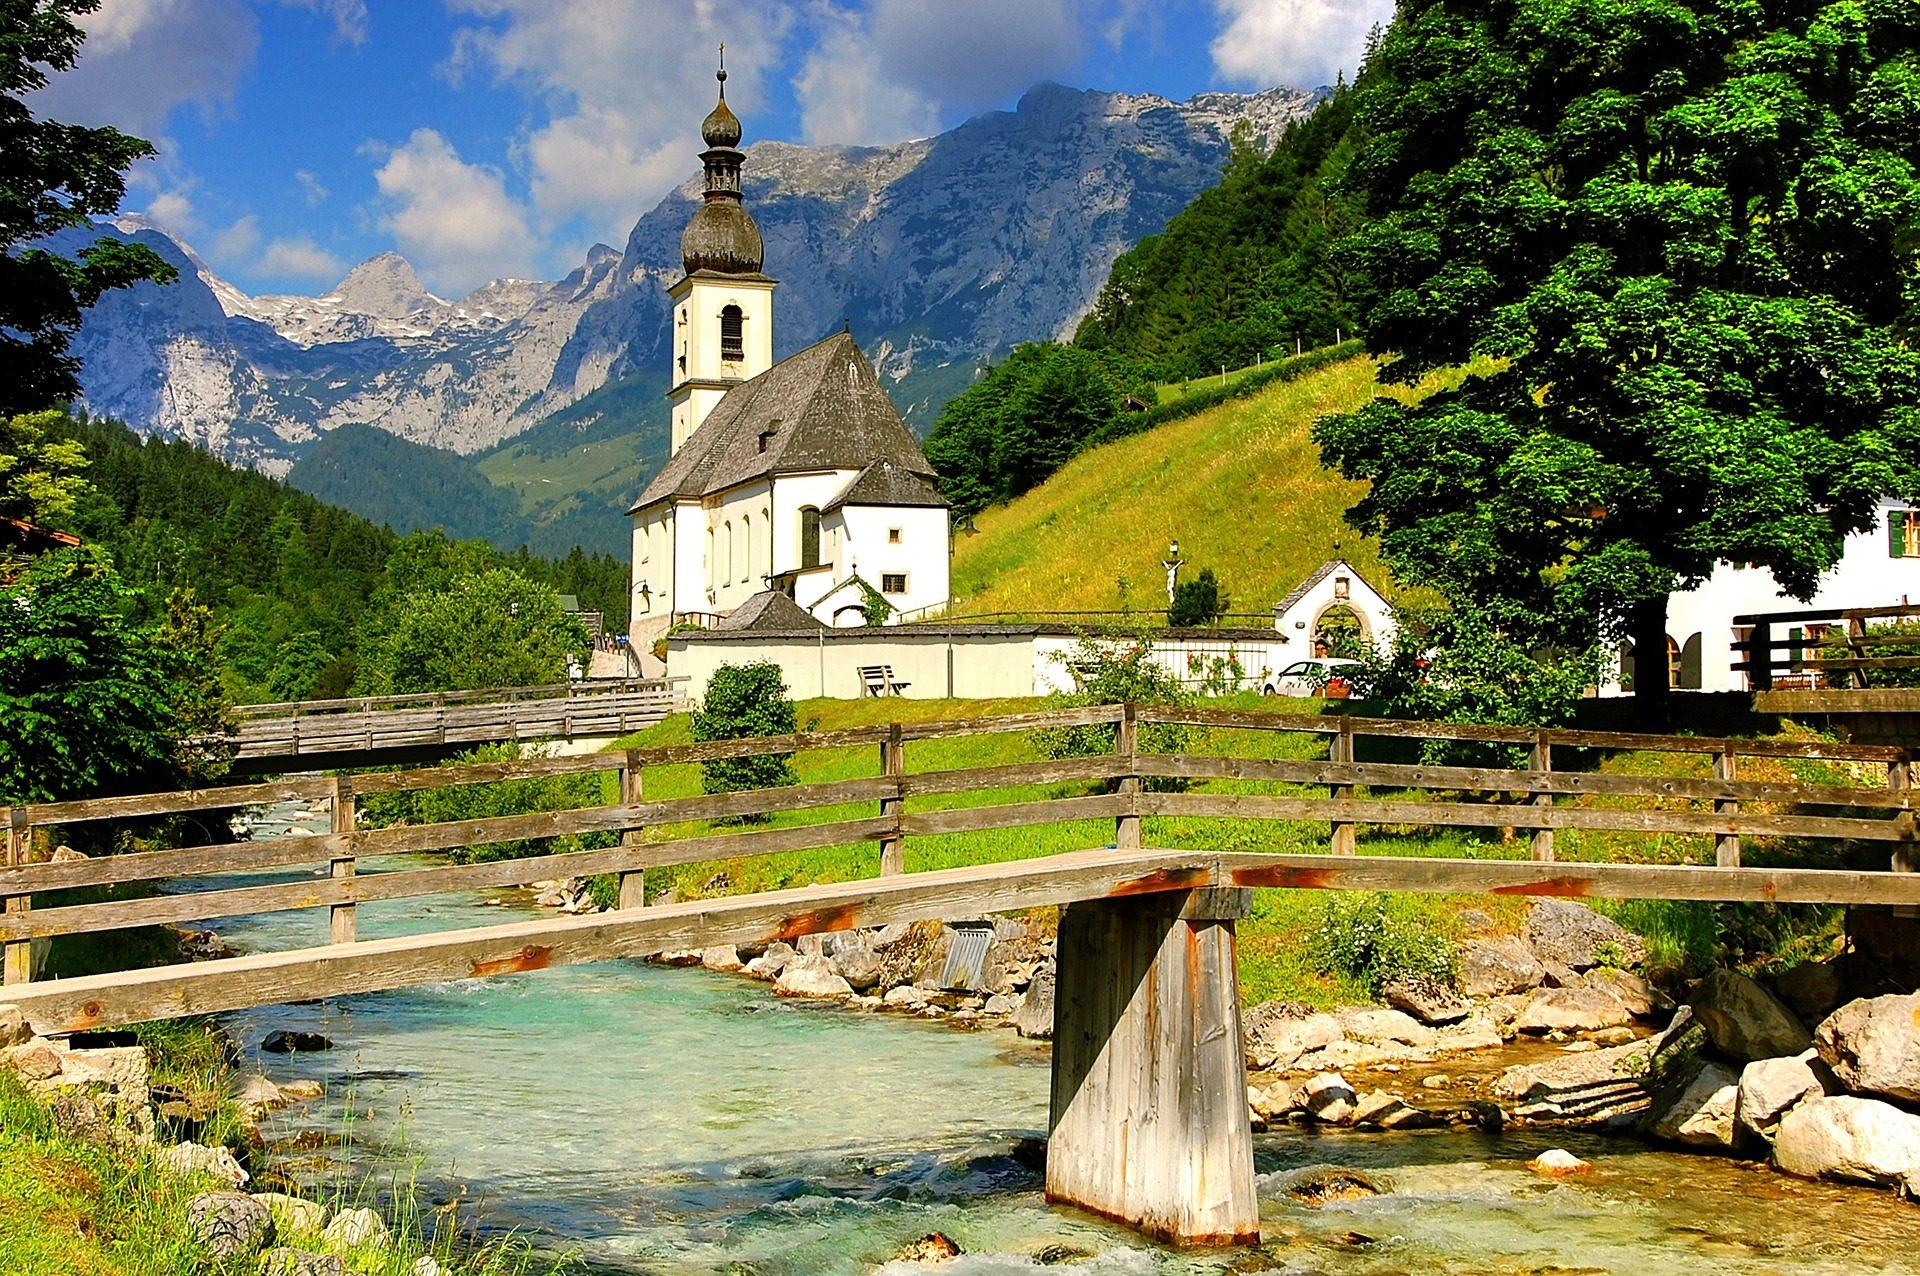 Igreja, edifício, Encosta, montañas, ponte, Rio, Alpes - Papéis de parede HD - Professor-falken.com